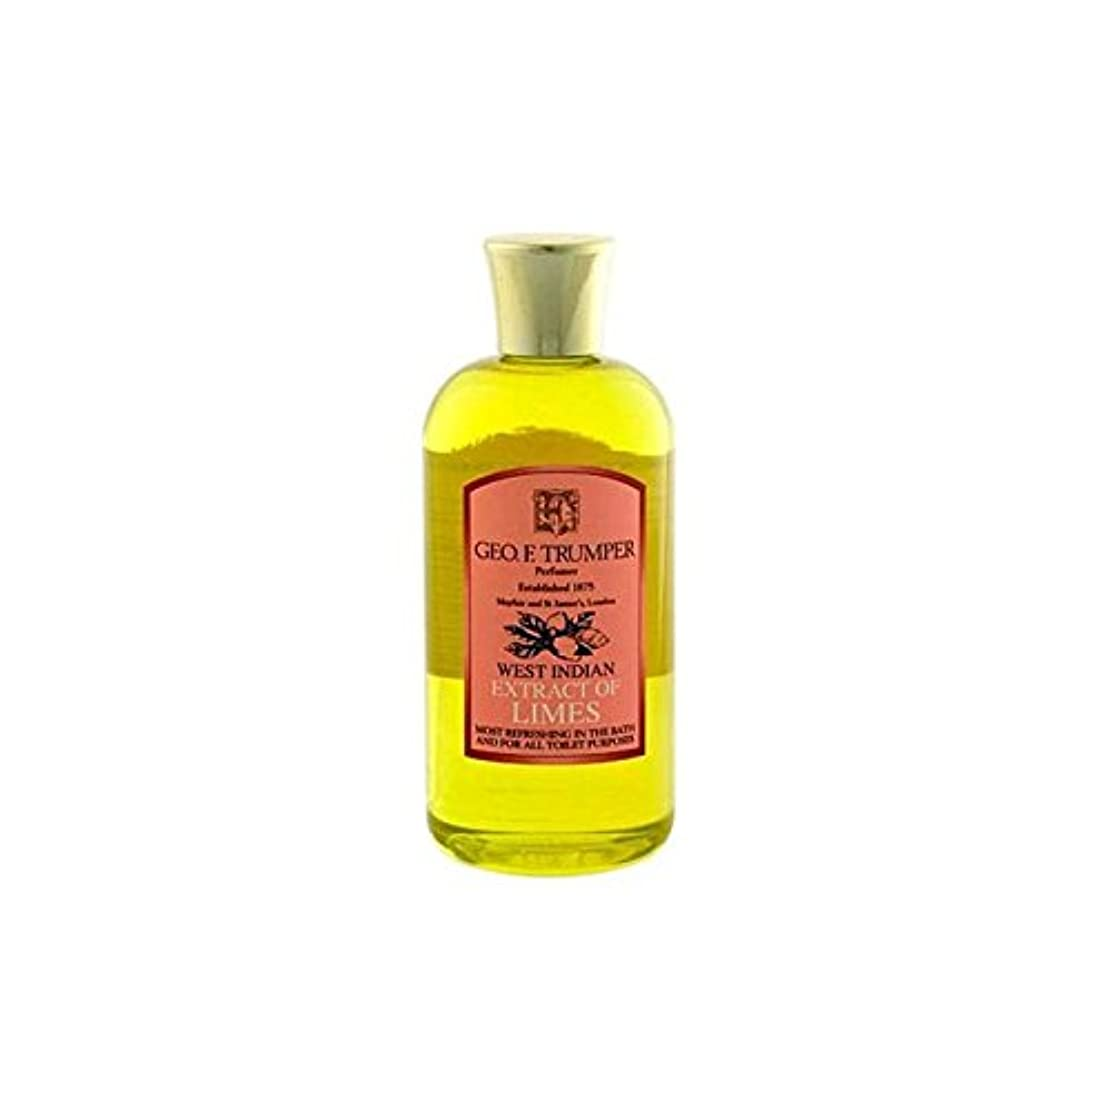 すでに黄ばむ制限されたTrumpers Extracts of Limes Bath and Shower Gel 200ml - ライムのバスタブとシャワージェル200の抽出物を [並行輸入品]